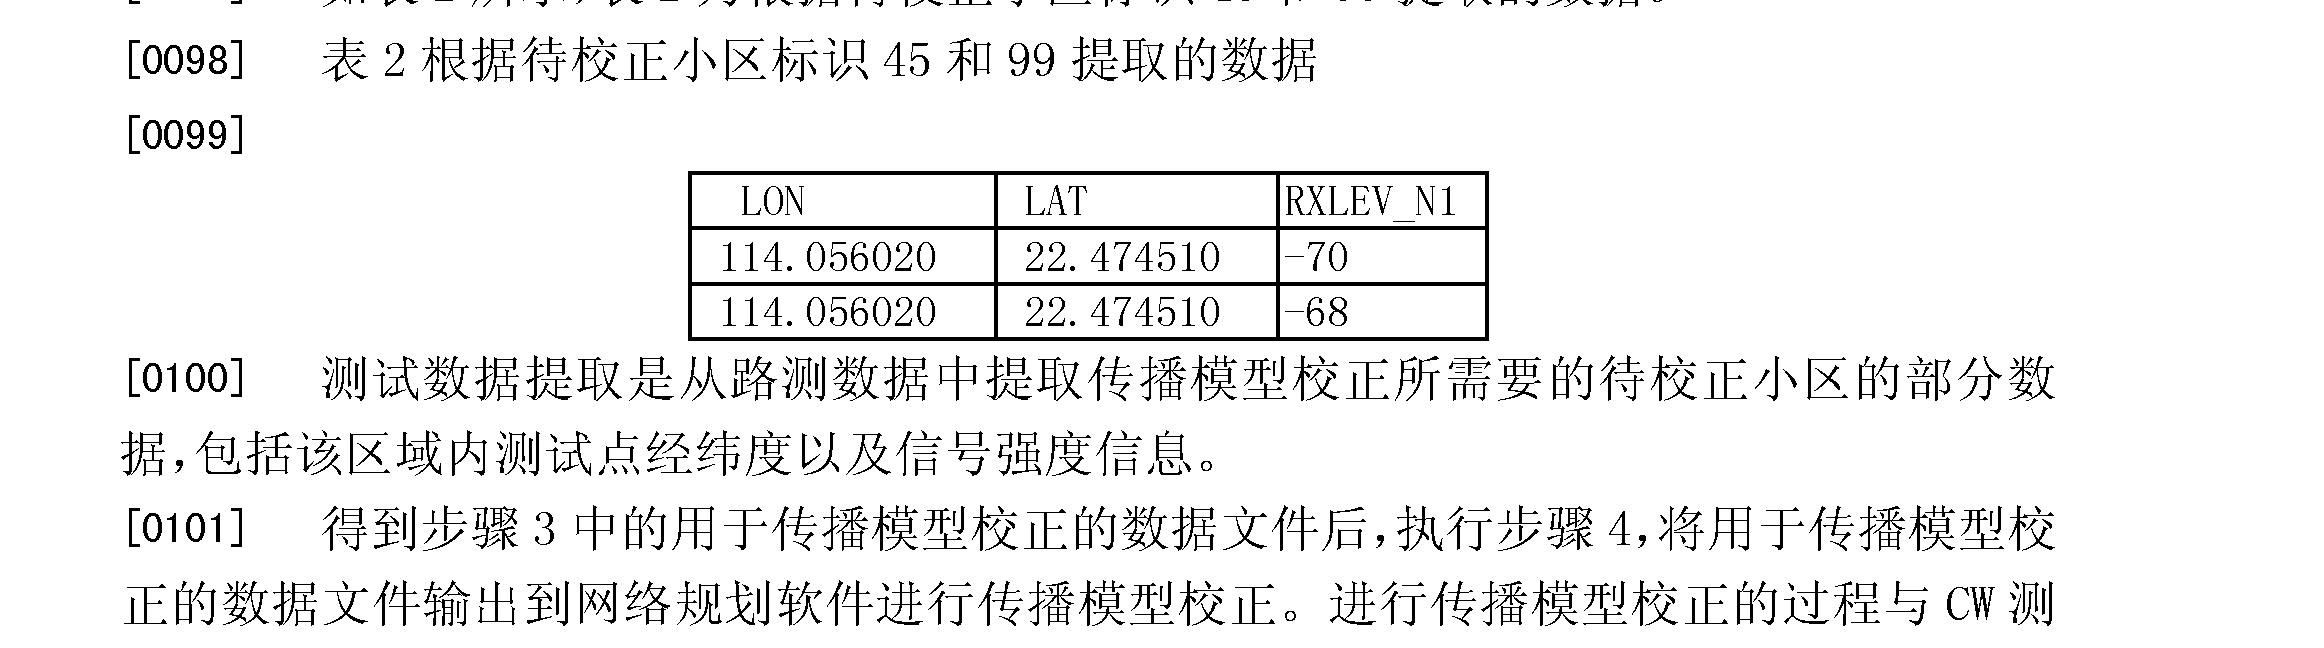 Figure CN101159967BD00081